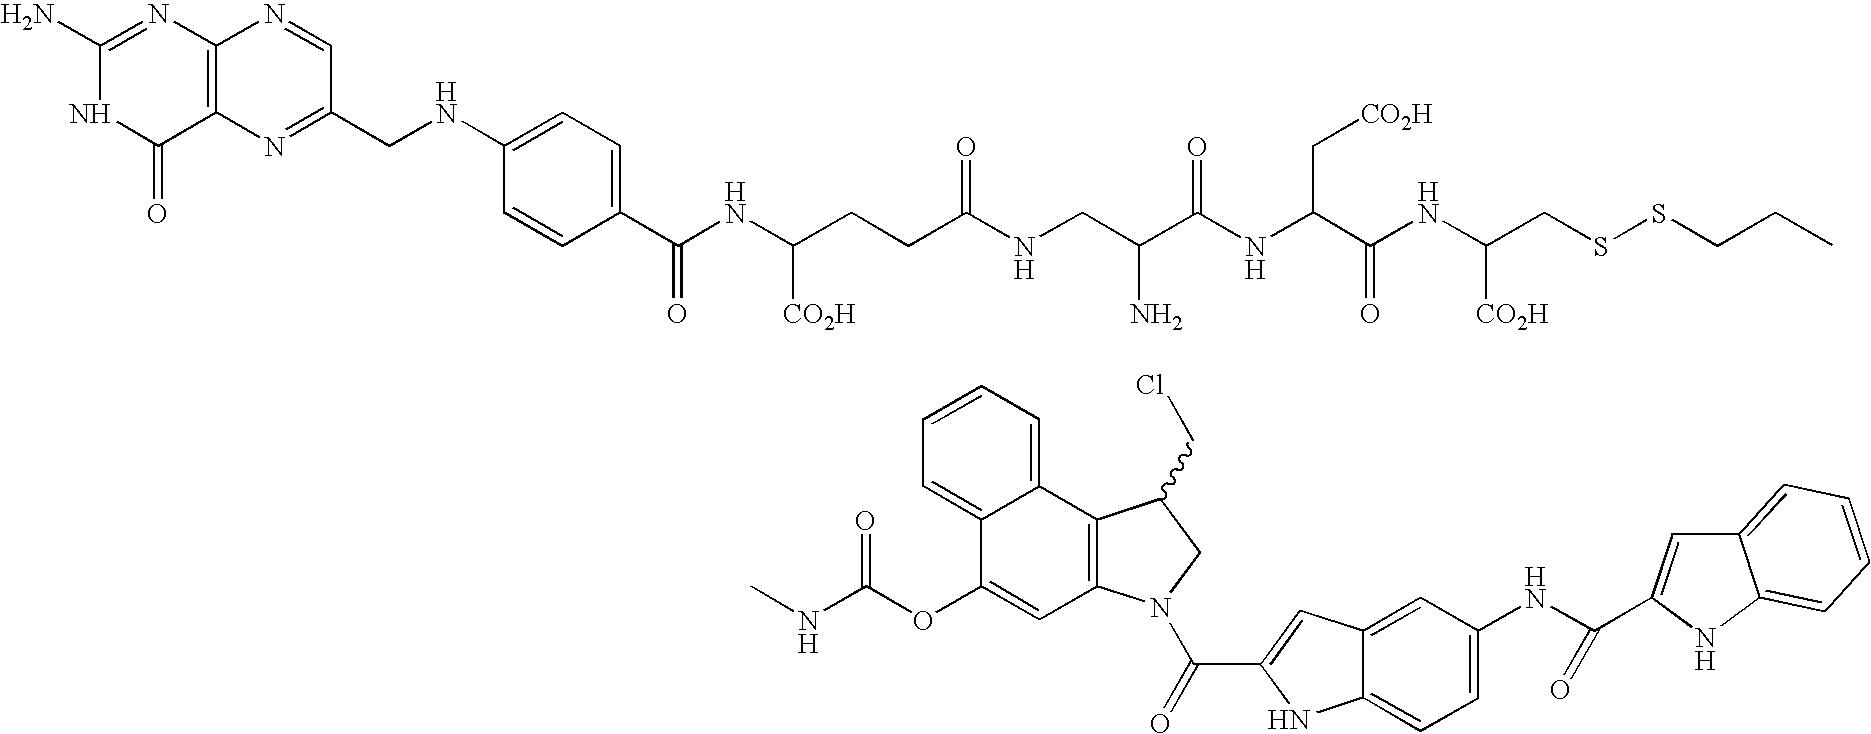 Figure US20100004276A1-20100107-C00166